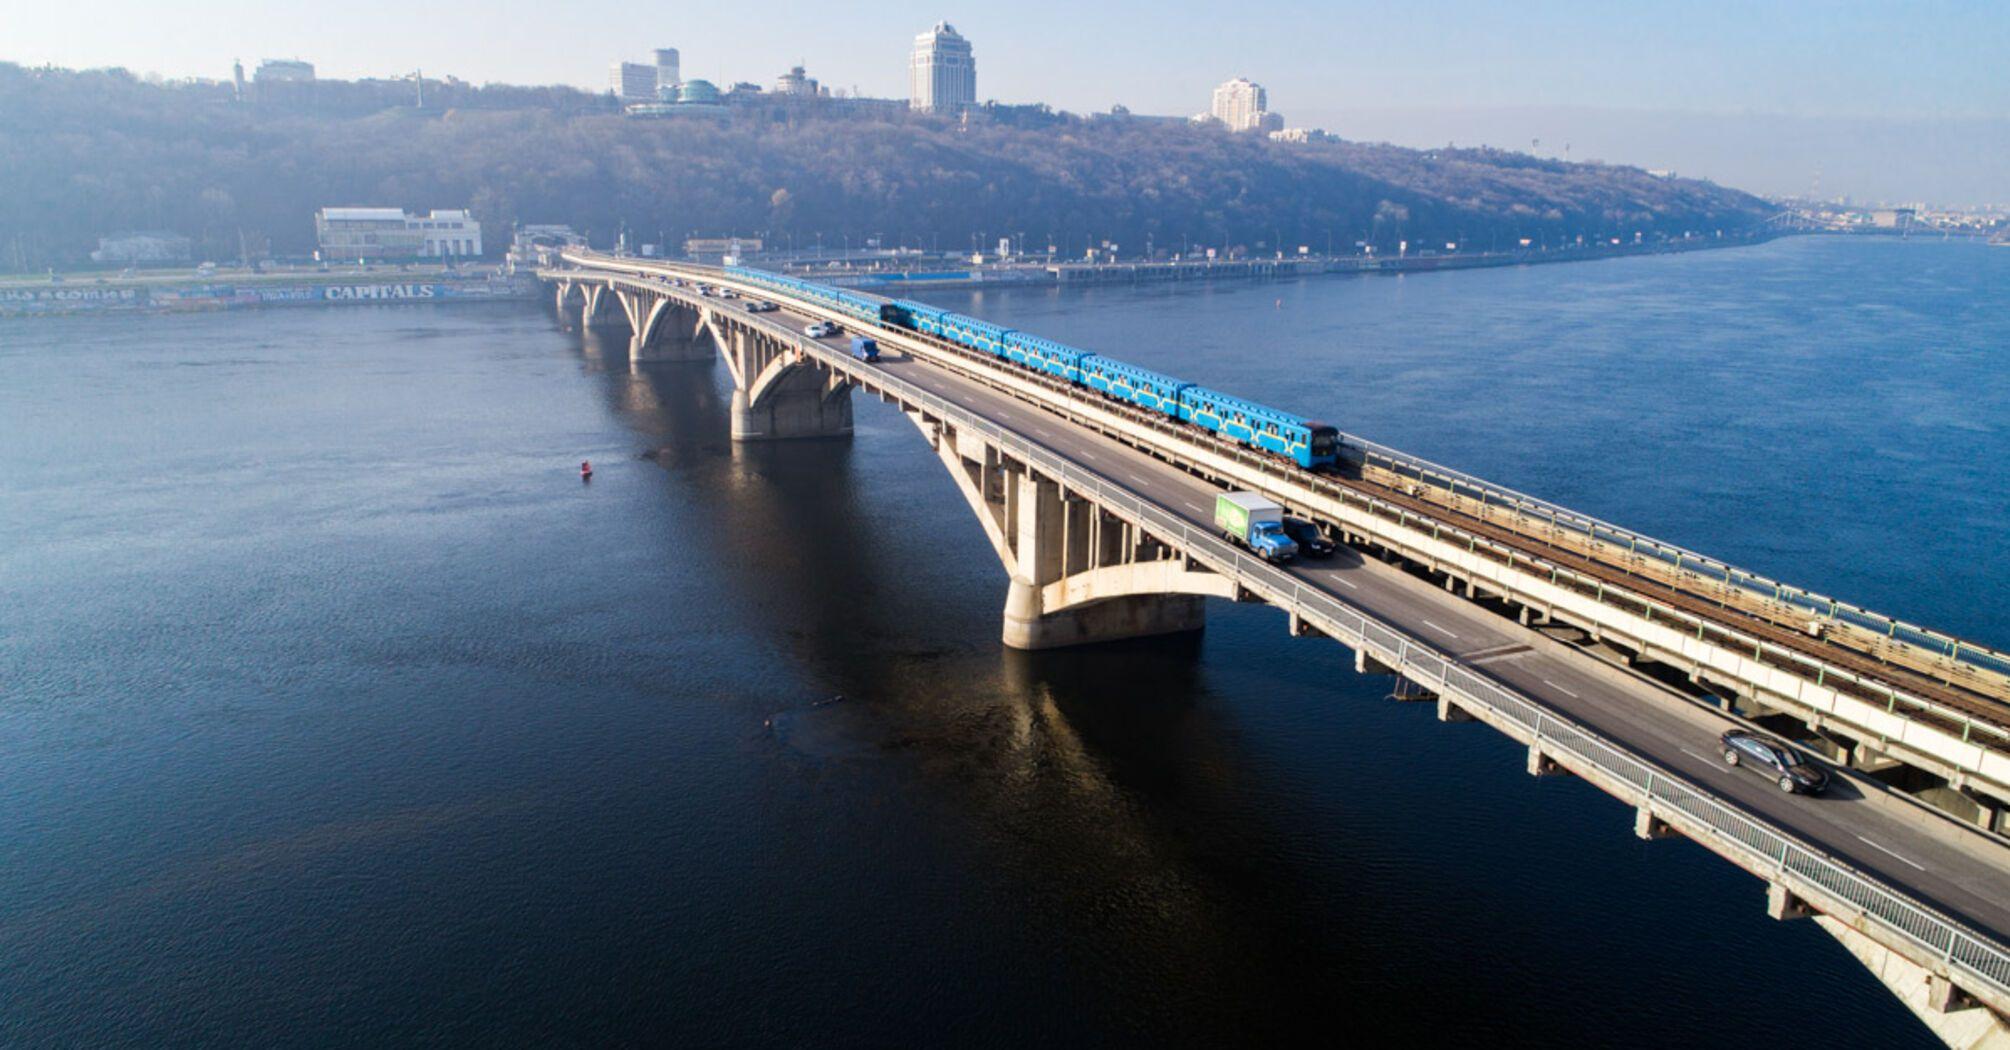 Міст Метро відремонтують за 60 мільйонів євро — і облаштують тут велодоріжки